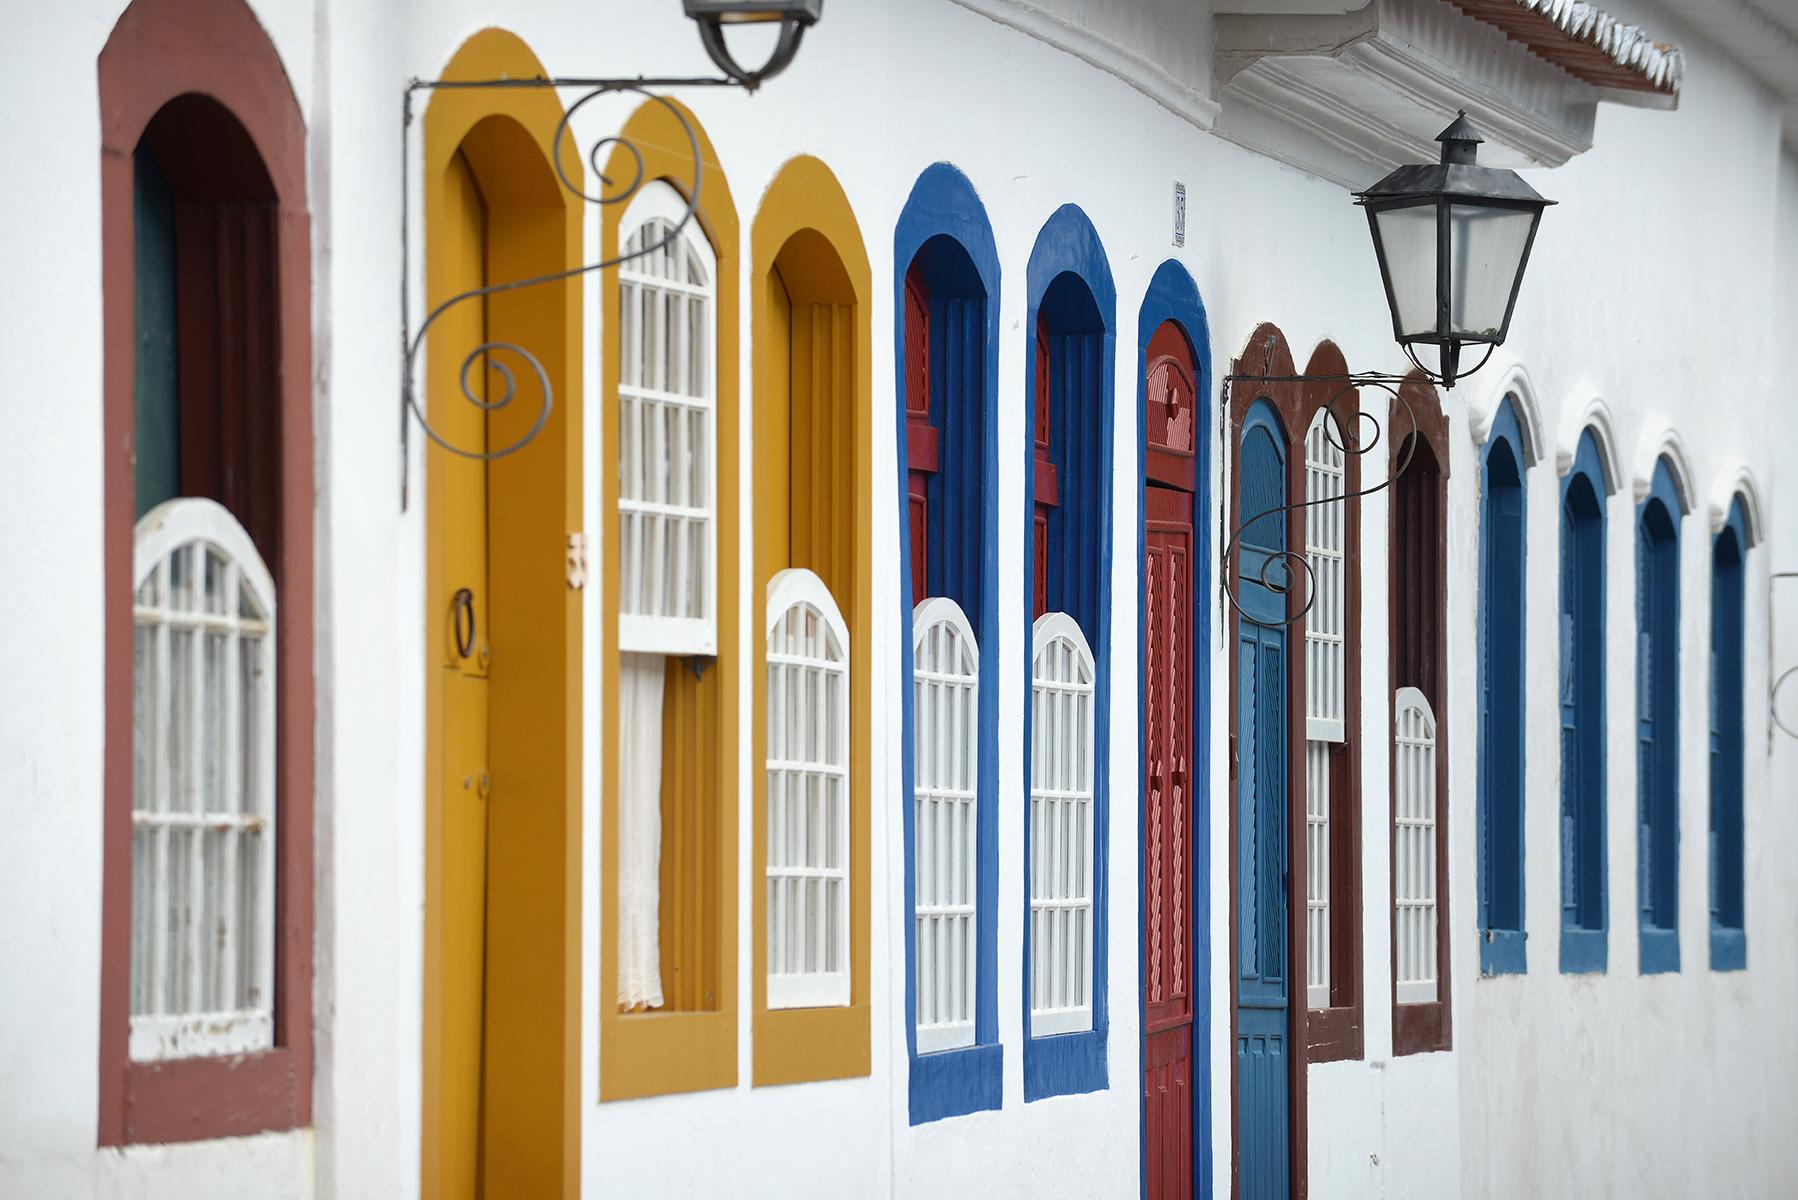 matkablogi, blogi, Brasilia, Paraty, värikäs, ikkuna